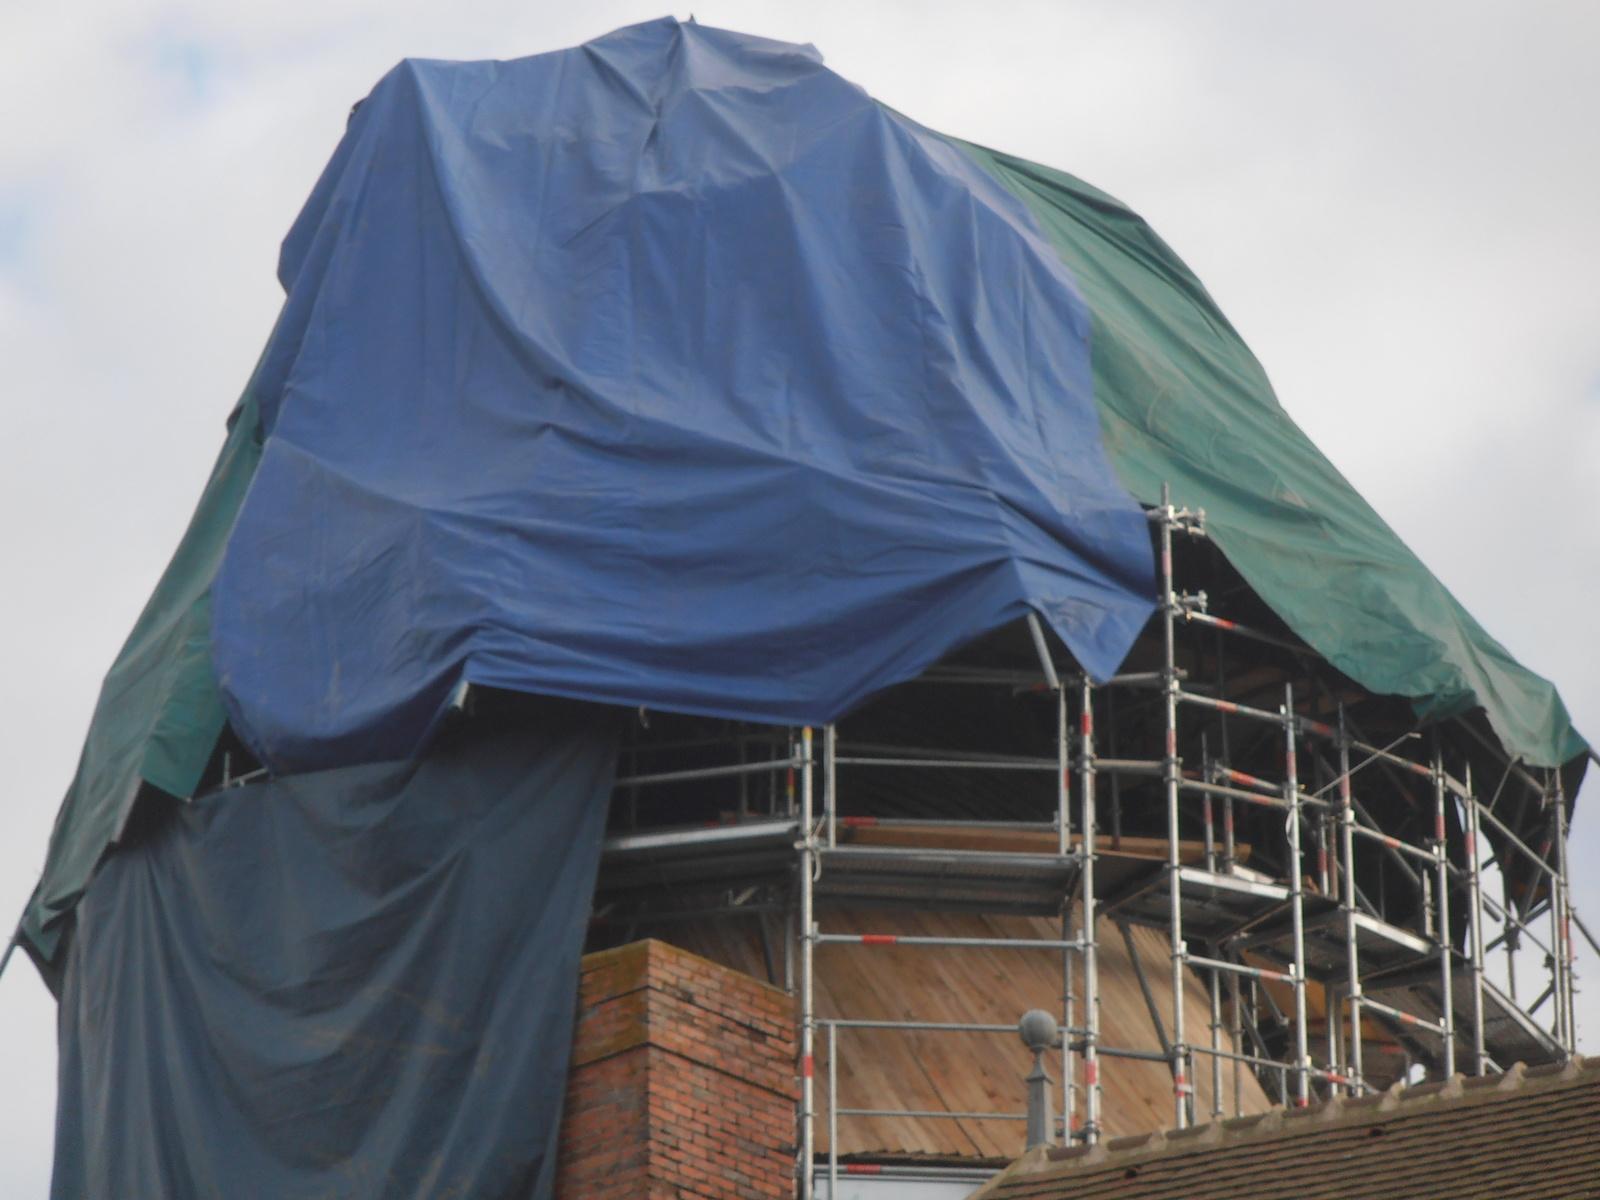 Parapluie sur l'échafaudage des tours du château de Celon (36)